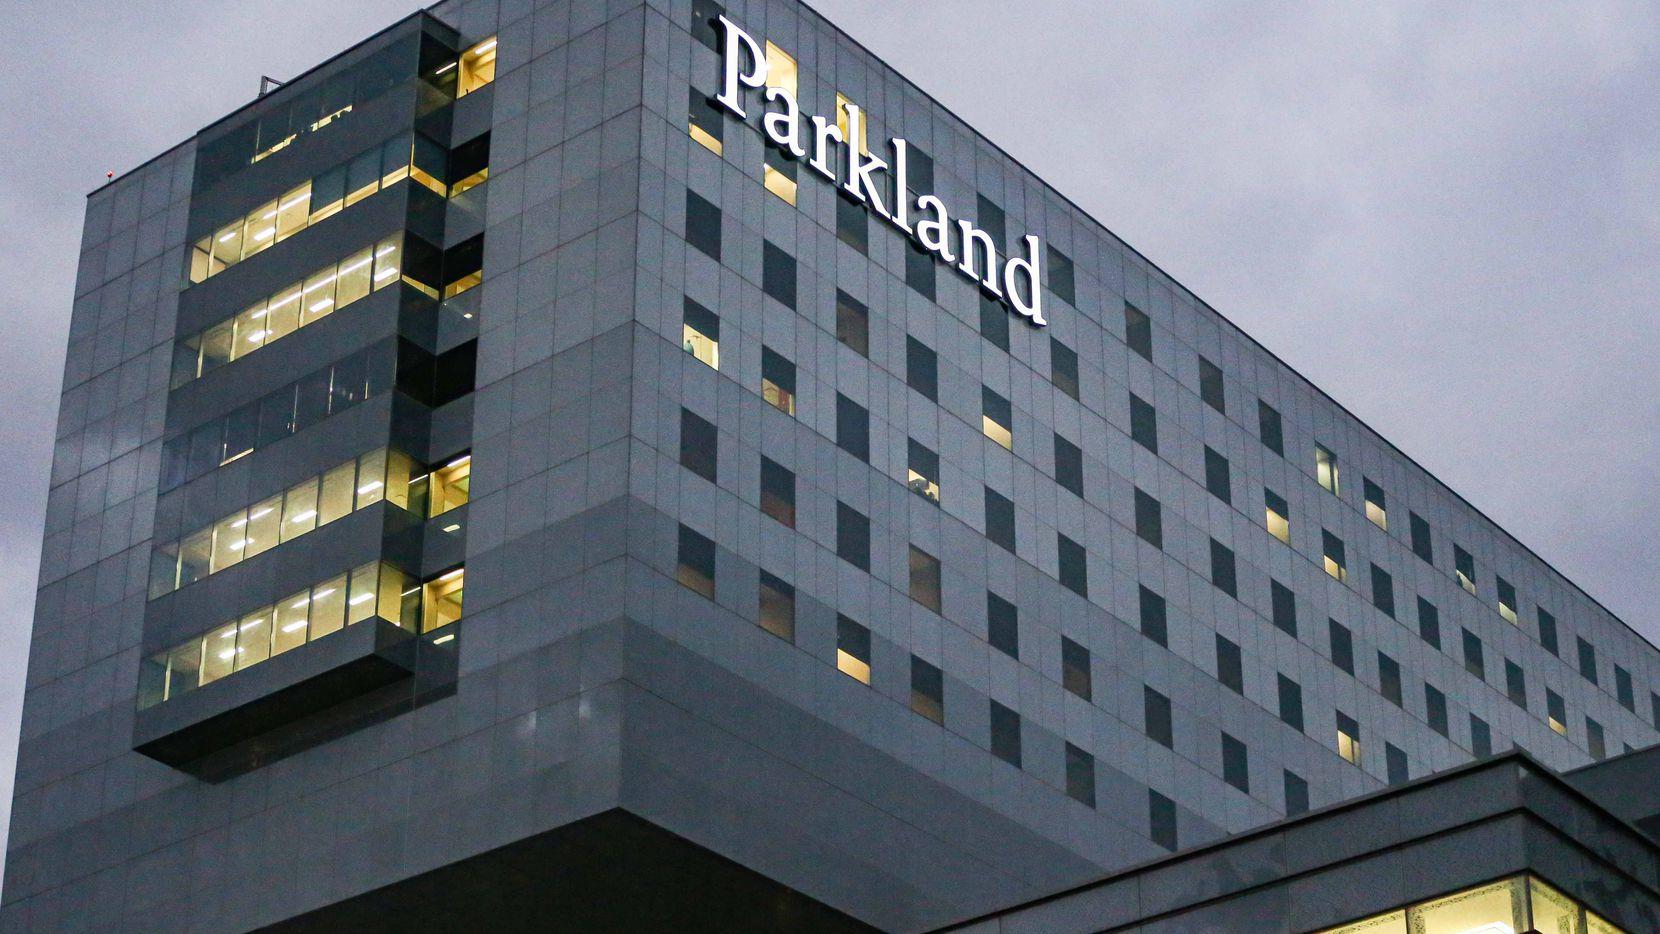 El Hospital Parkland está operando a su máxima capacidad debido a la gran cantidad de pacientes con covid-19.